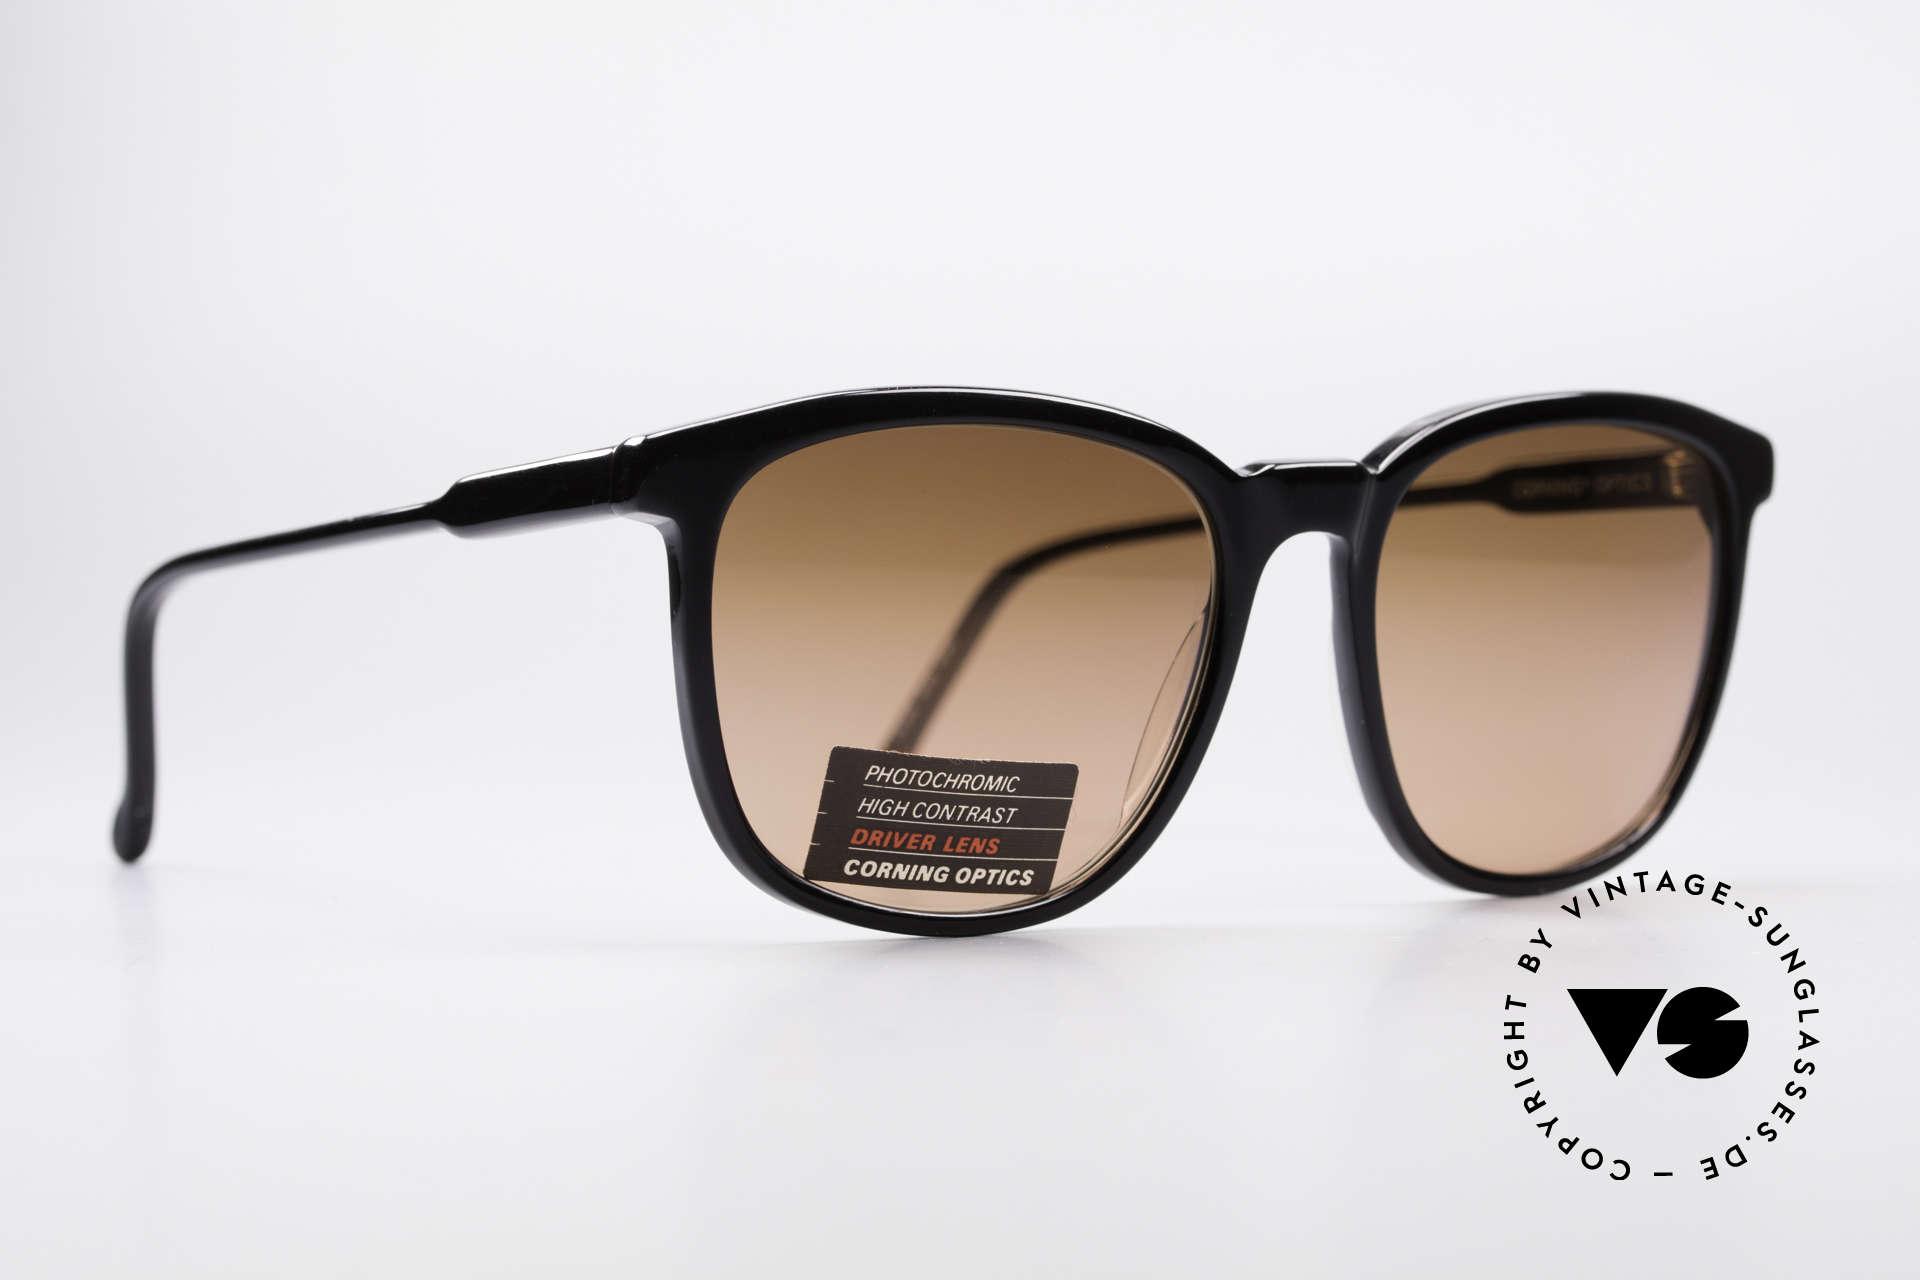 Serengeti Drivers 5343 Autofahrer Brille, entspiegeltes Mineralglas (macht Spass durchzugucken), Passend für Herren und Damen